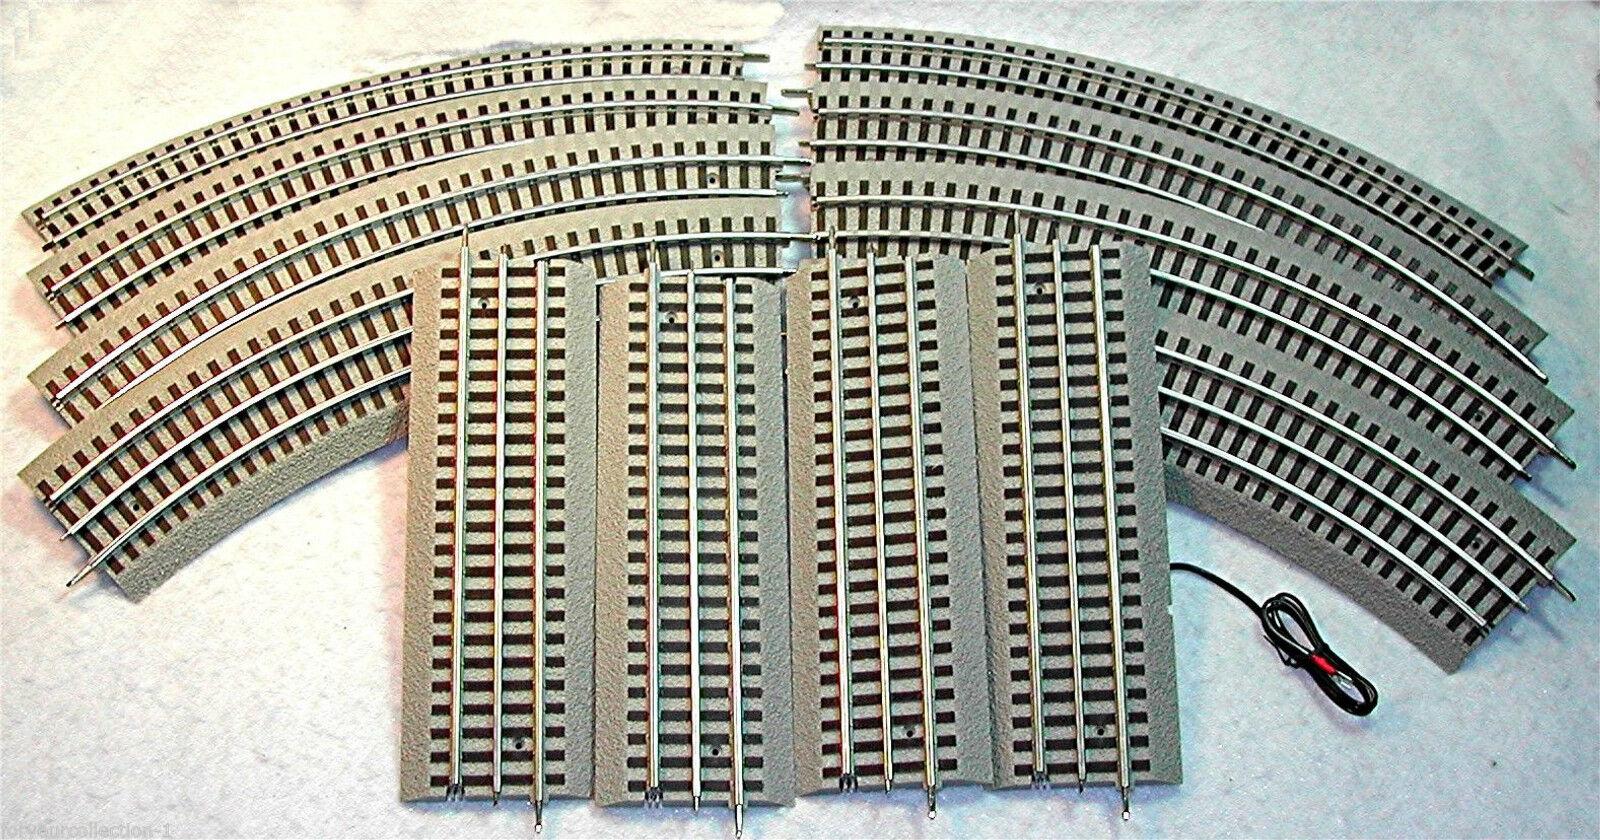 Lionel neue 40x60 w   8-o36 kurve geradeaus und 1-terminal versandkosten sind